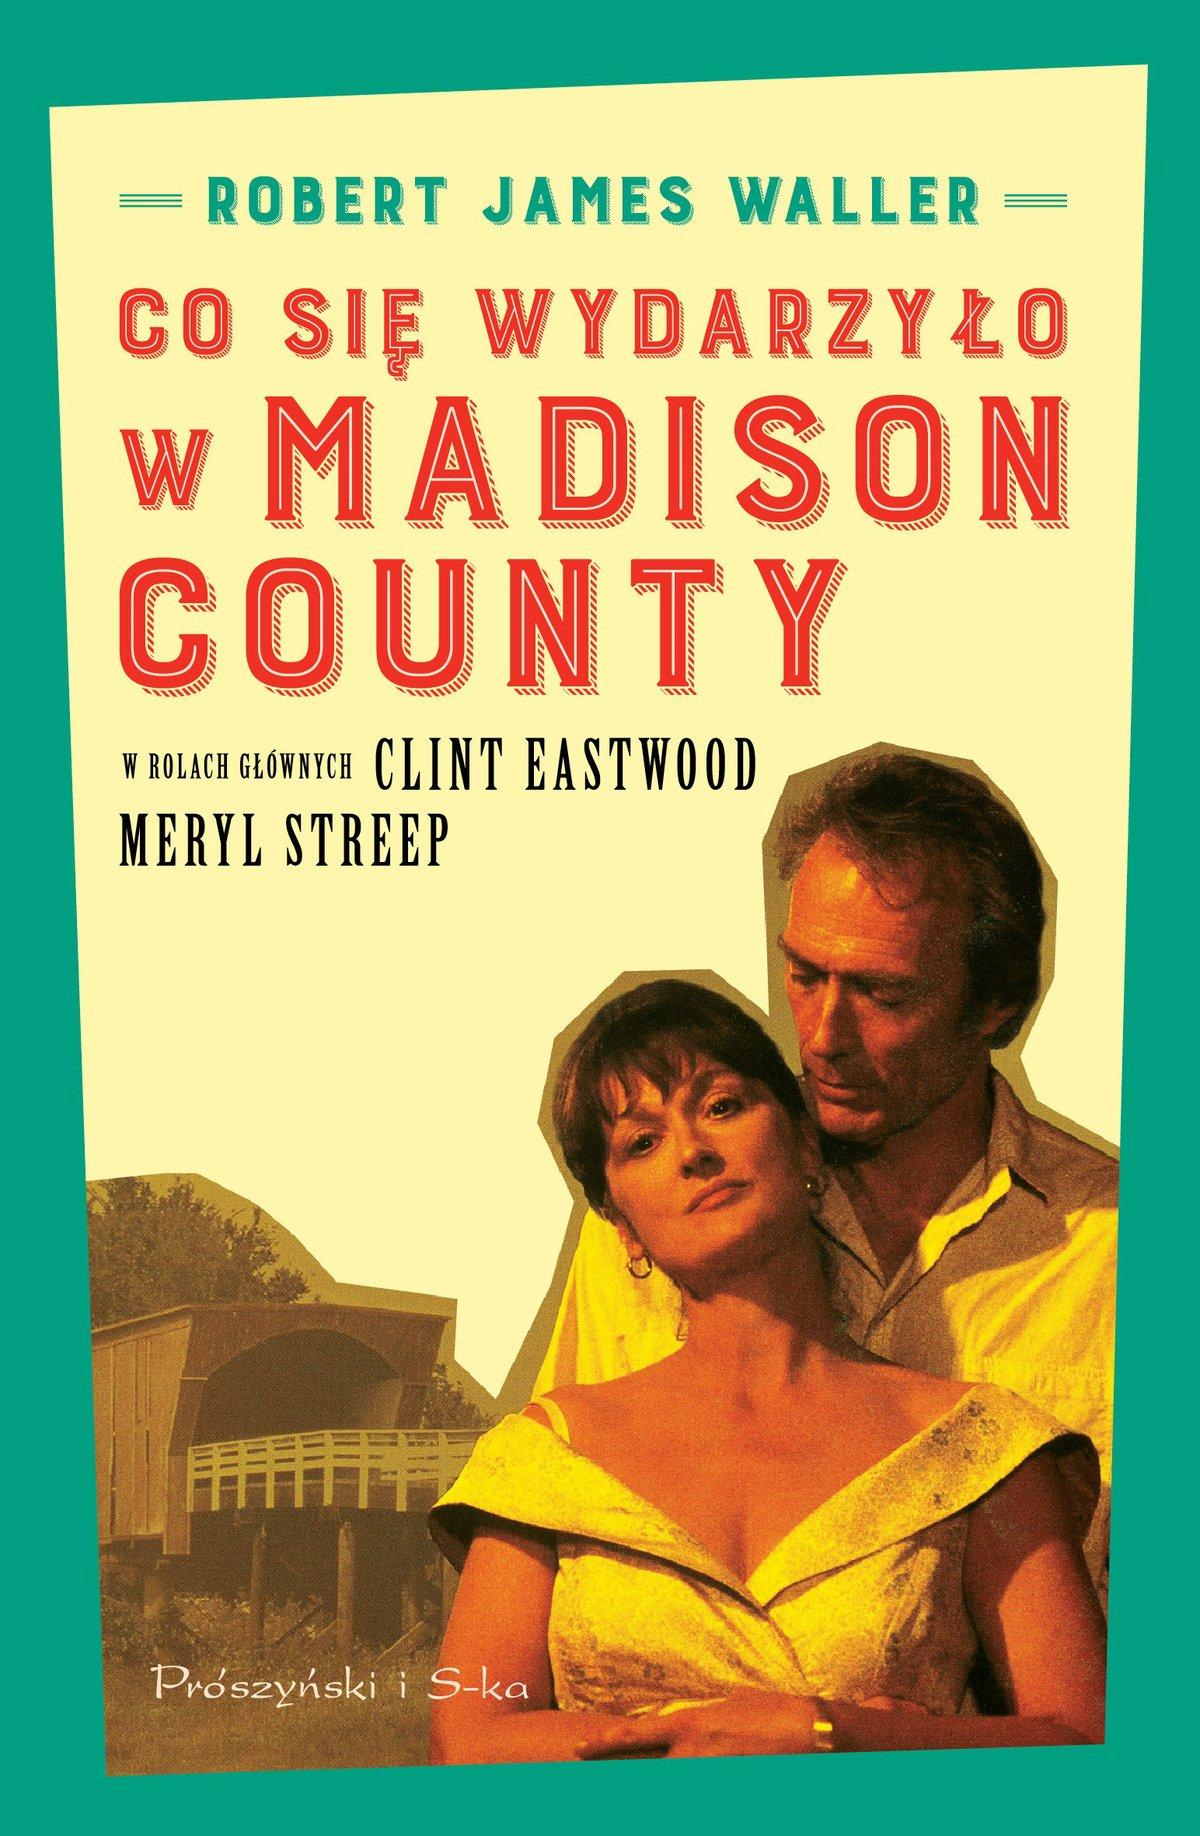 Co się wydarzyło w Madison County - Ebook (Książka na Kindle) do pobrania w formacie MOBI